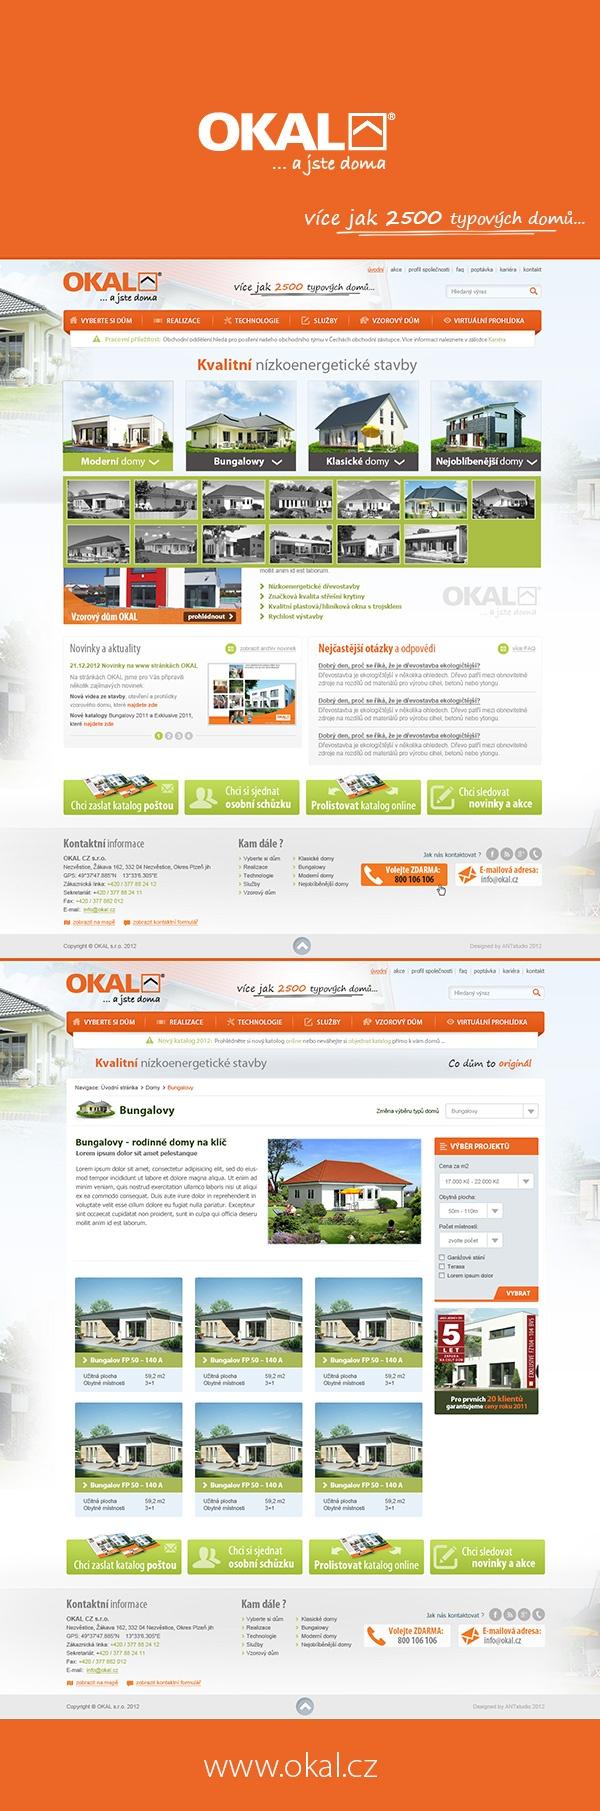 OKAL CZ realizuje špičkové dřevostavby a tomu musí odpovídat i kvalita jejich internetové prezentace. Více na www.okal.cz